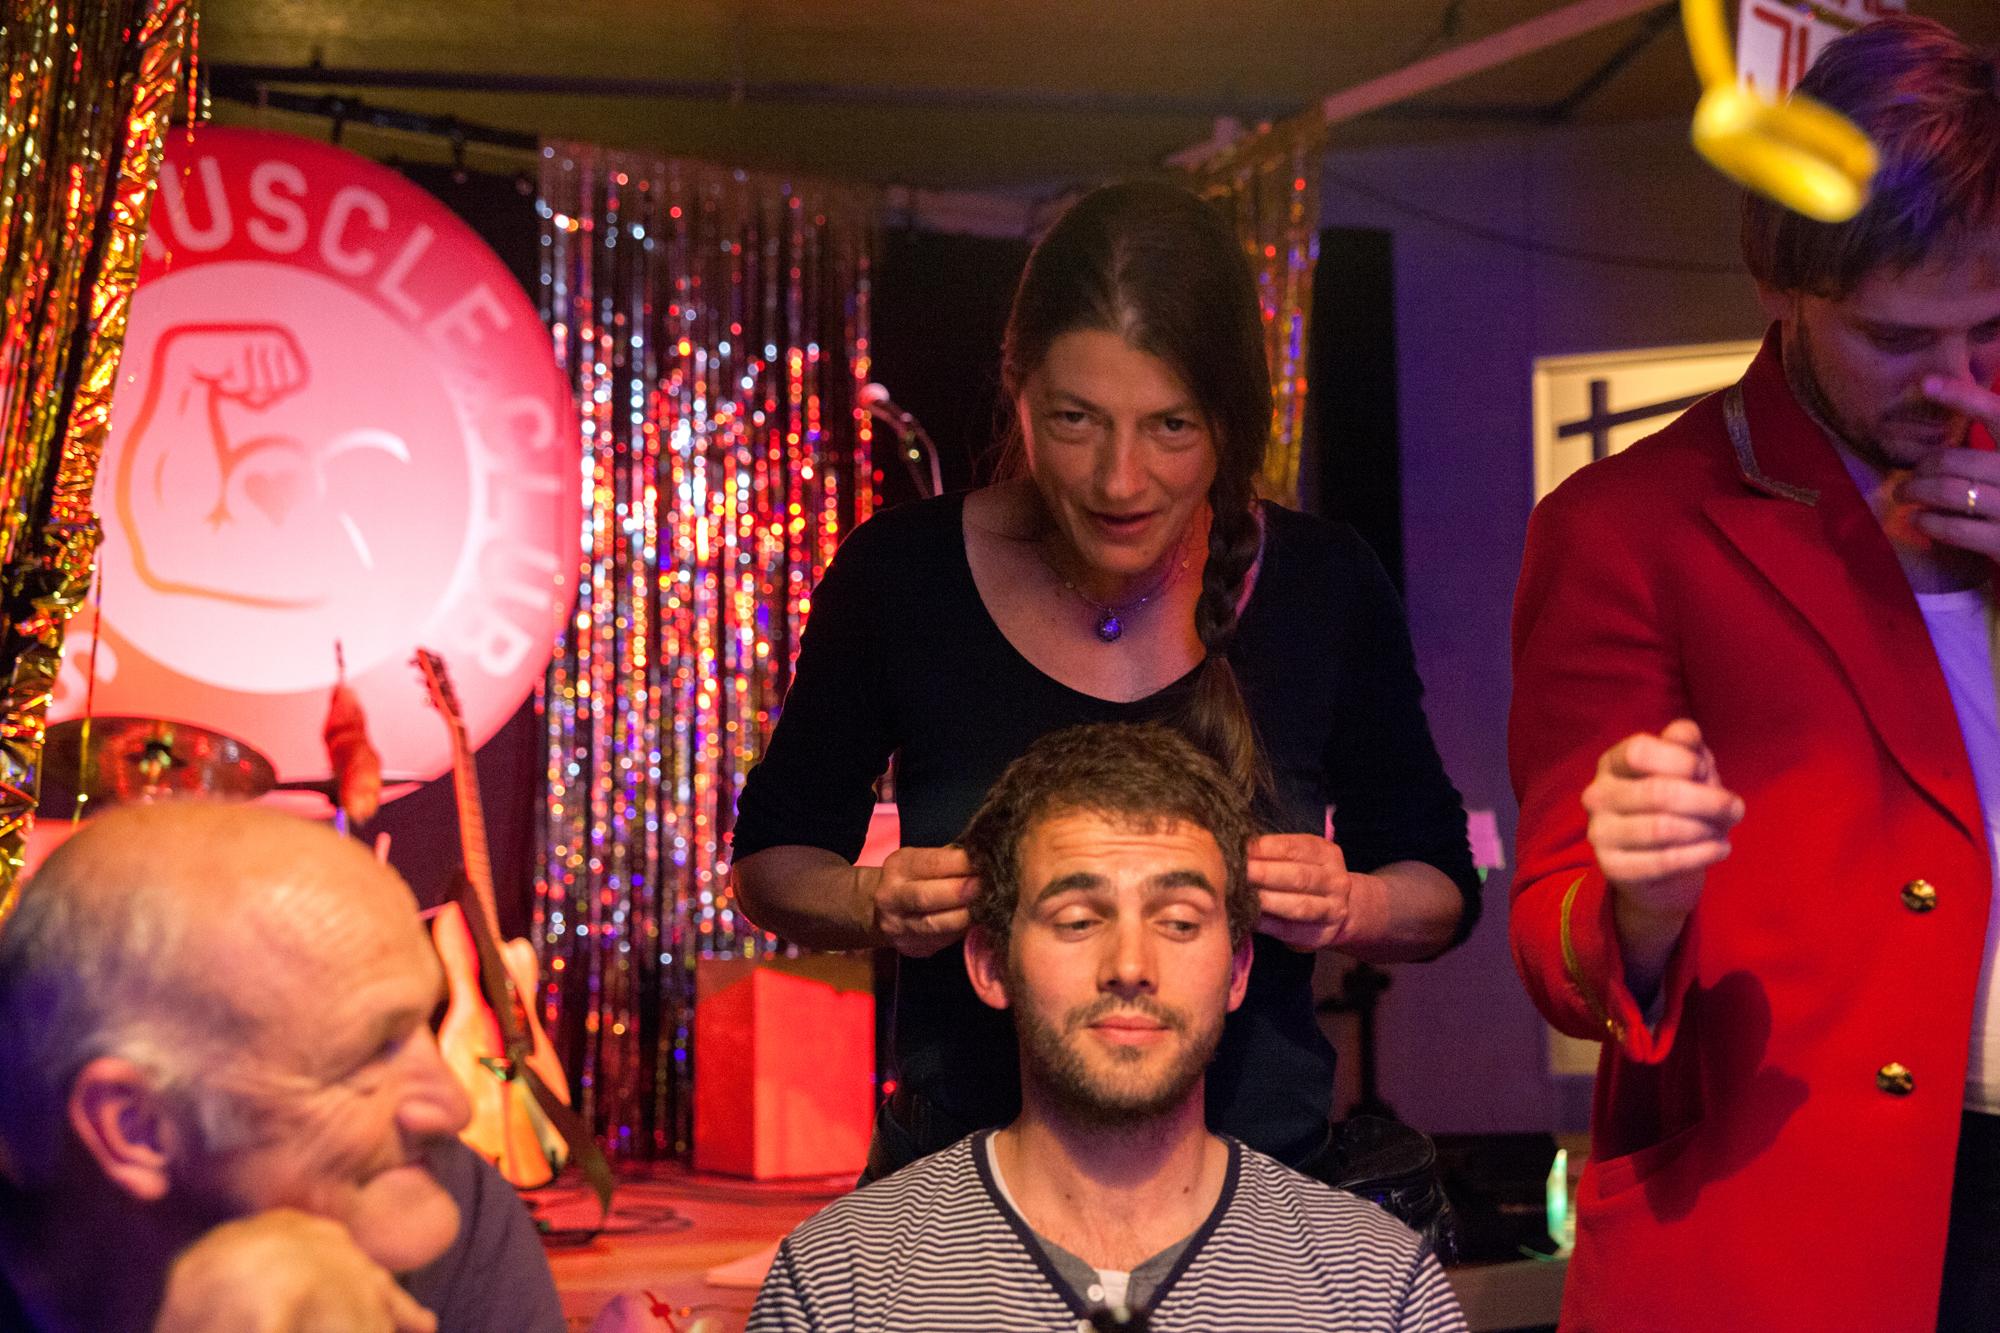 Einer der Gäste erhält eine Kopfmassage.